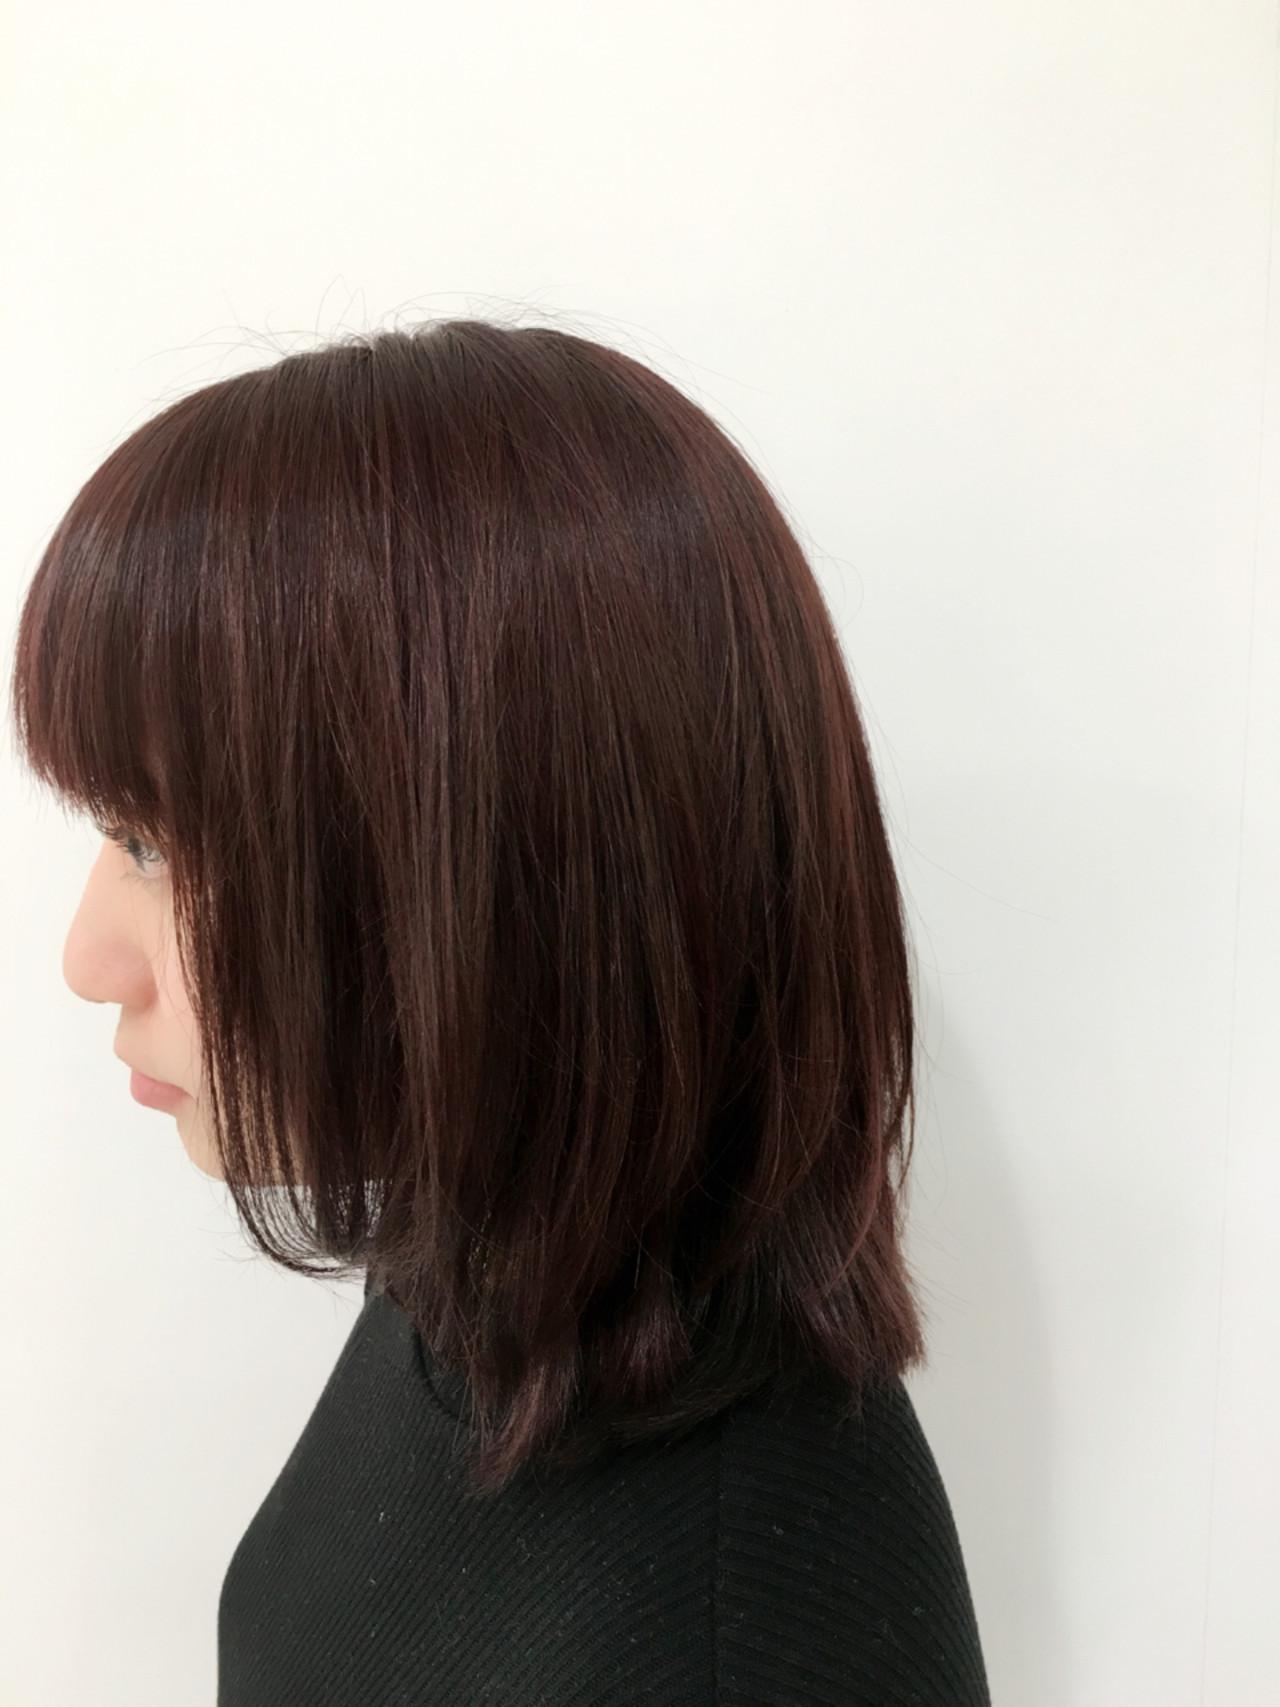 ミディアム イルミナカラー ピンクアッシュ ベリーピンク ヘアスタイルや髪型の写真・画像